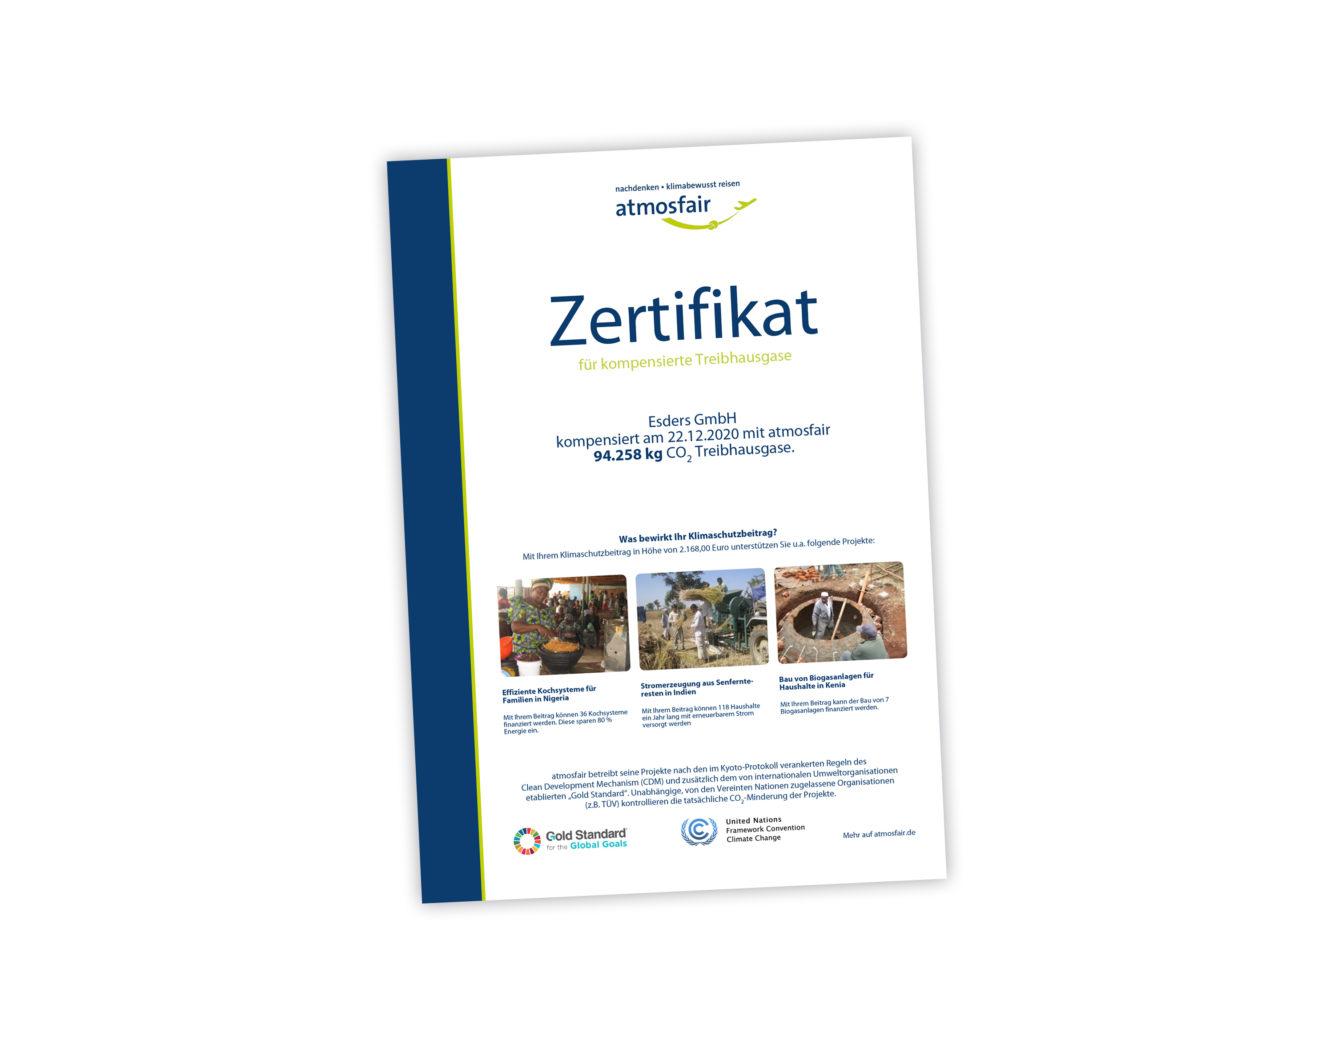 Zertifikat-atmosfair-2020